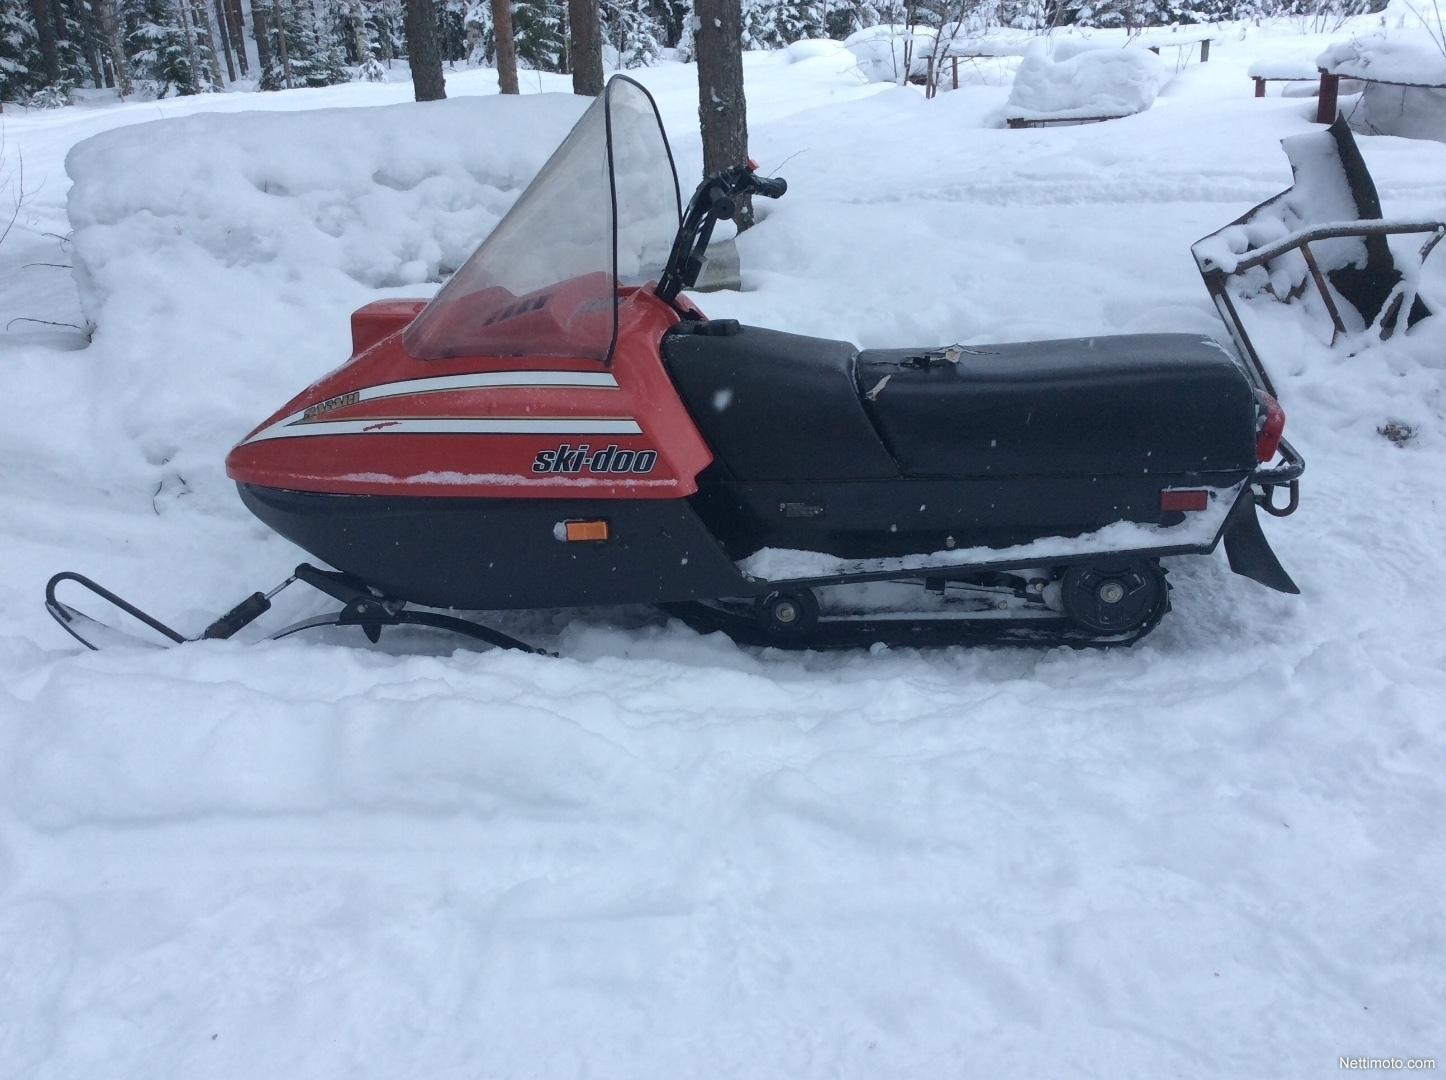 E Bike Reviews >> Ski-Doo Citation 250 cm³ 1988 - Rautavaara - Snow Mobile ...